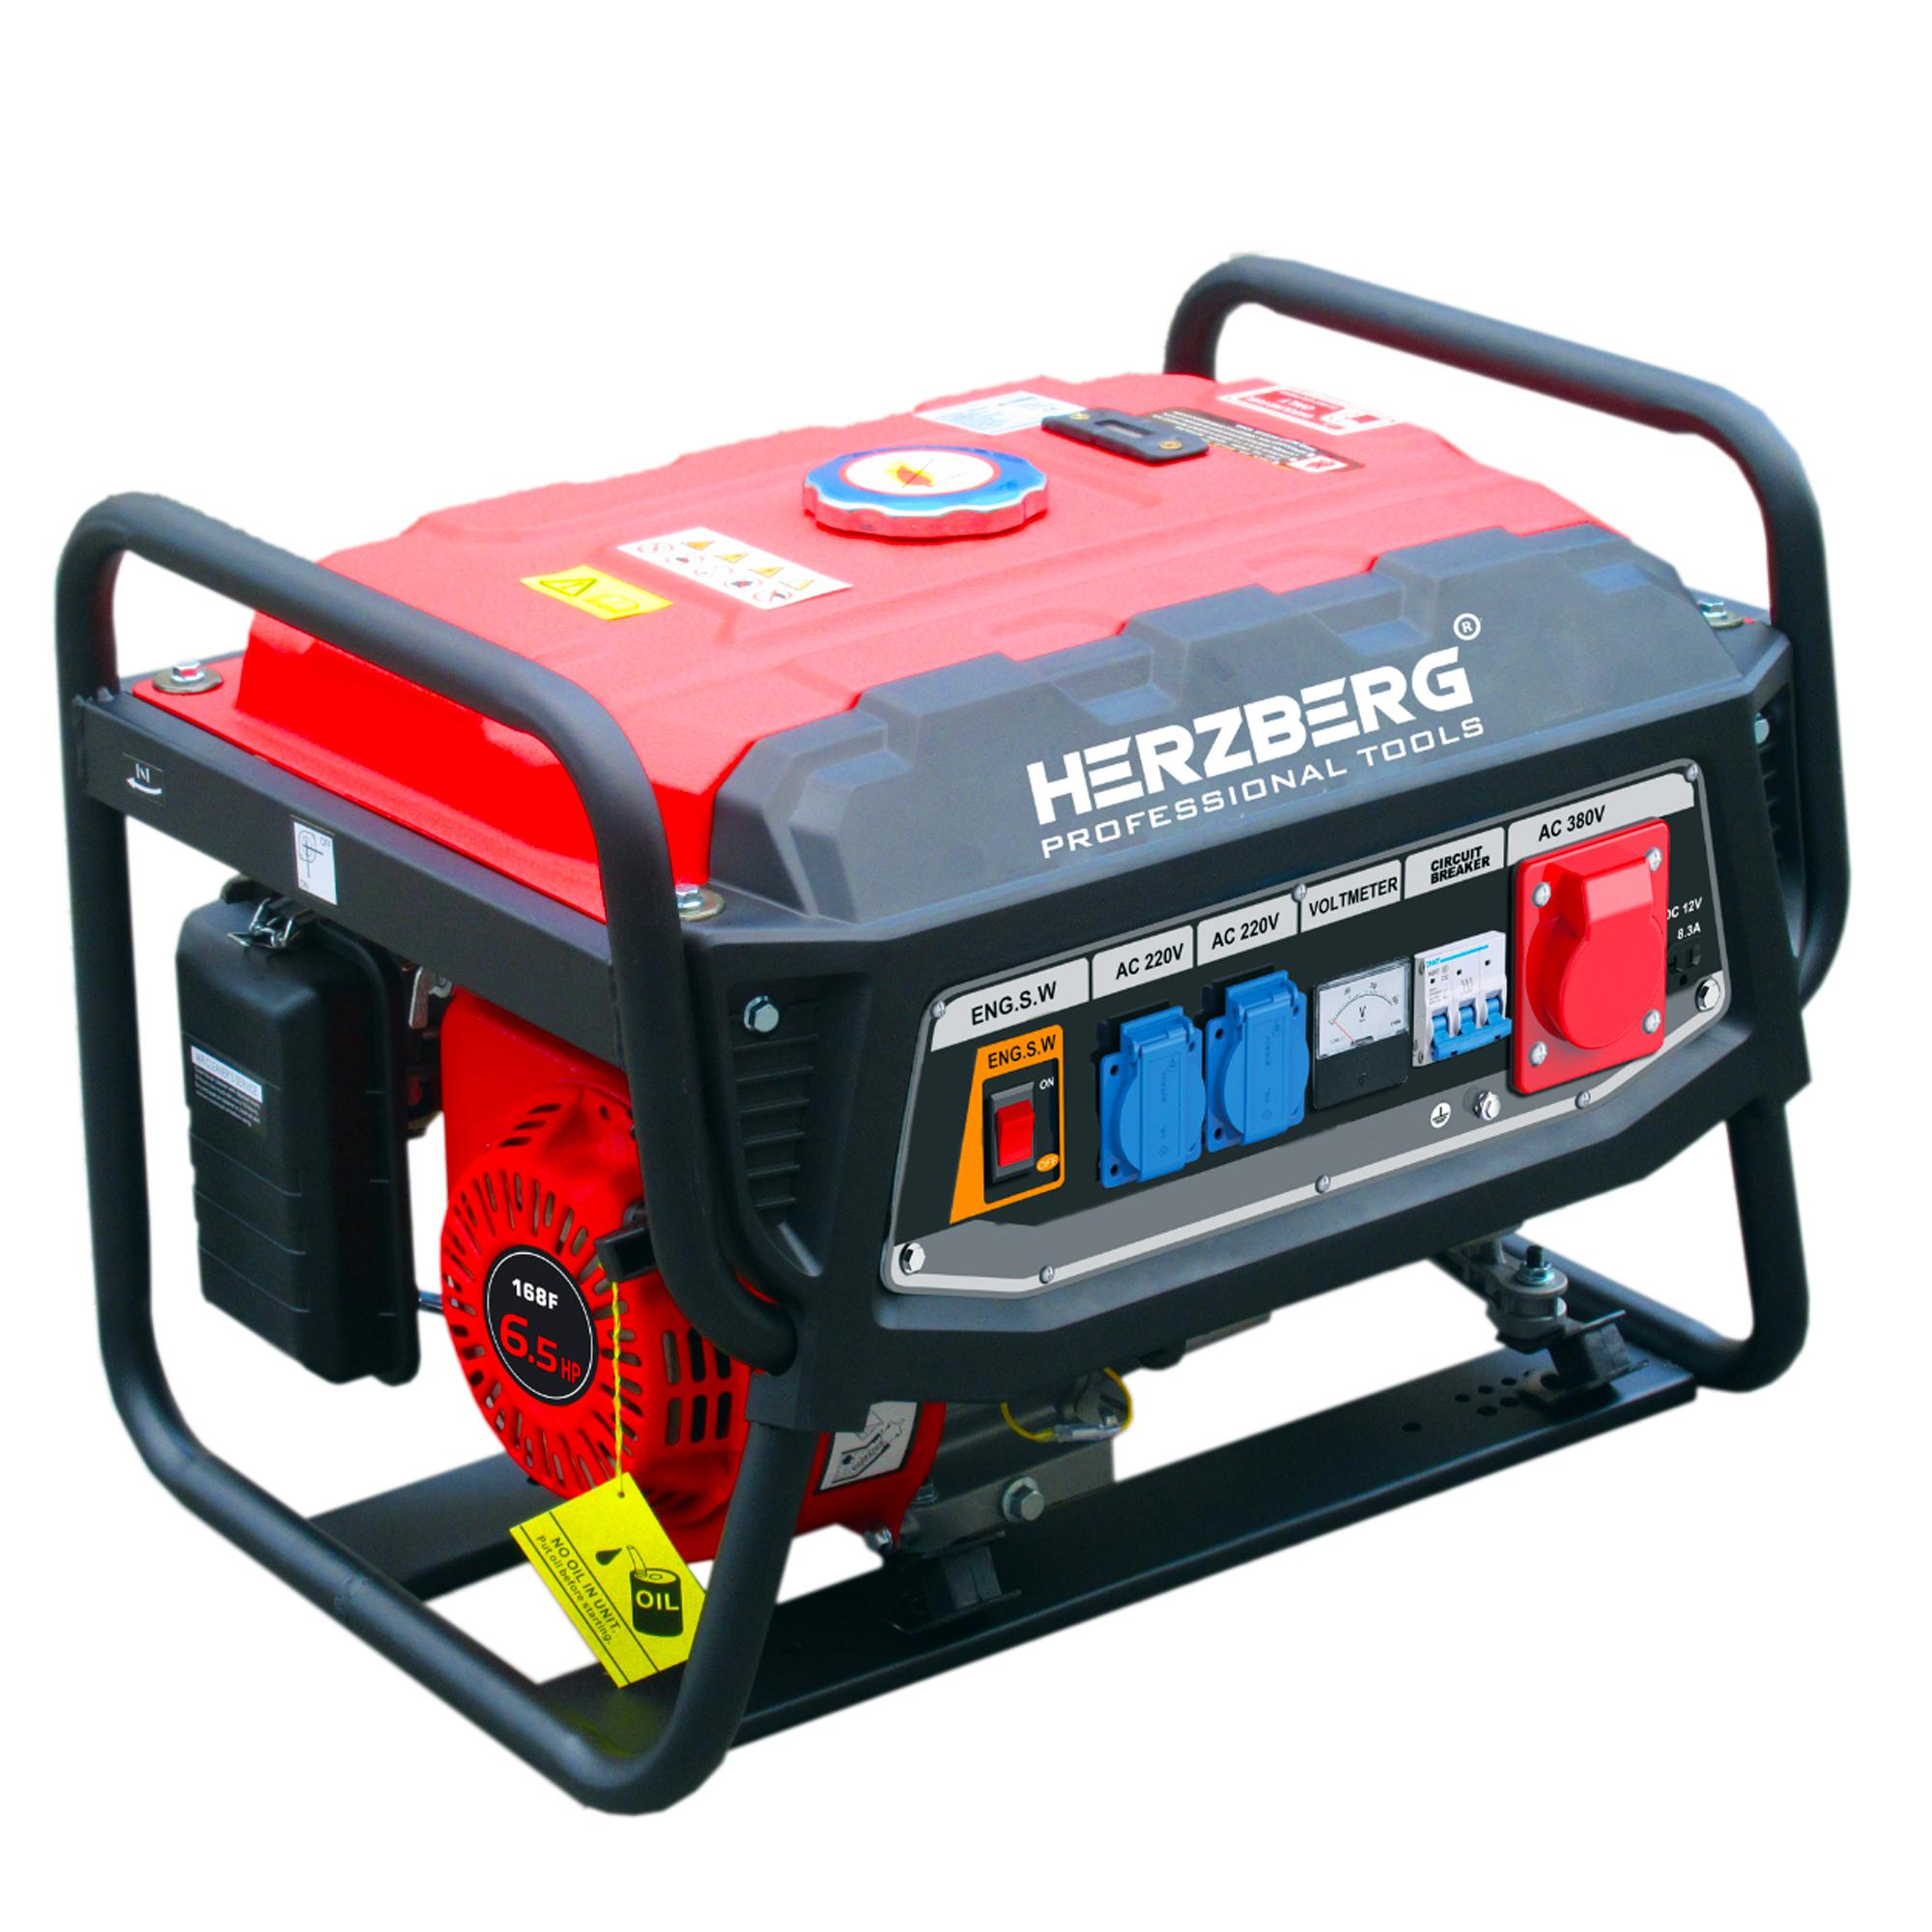 Herzberg HG-8500WX: Générateur D'essence Professionnel